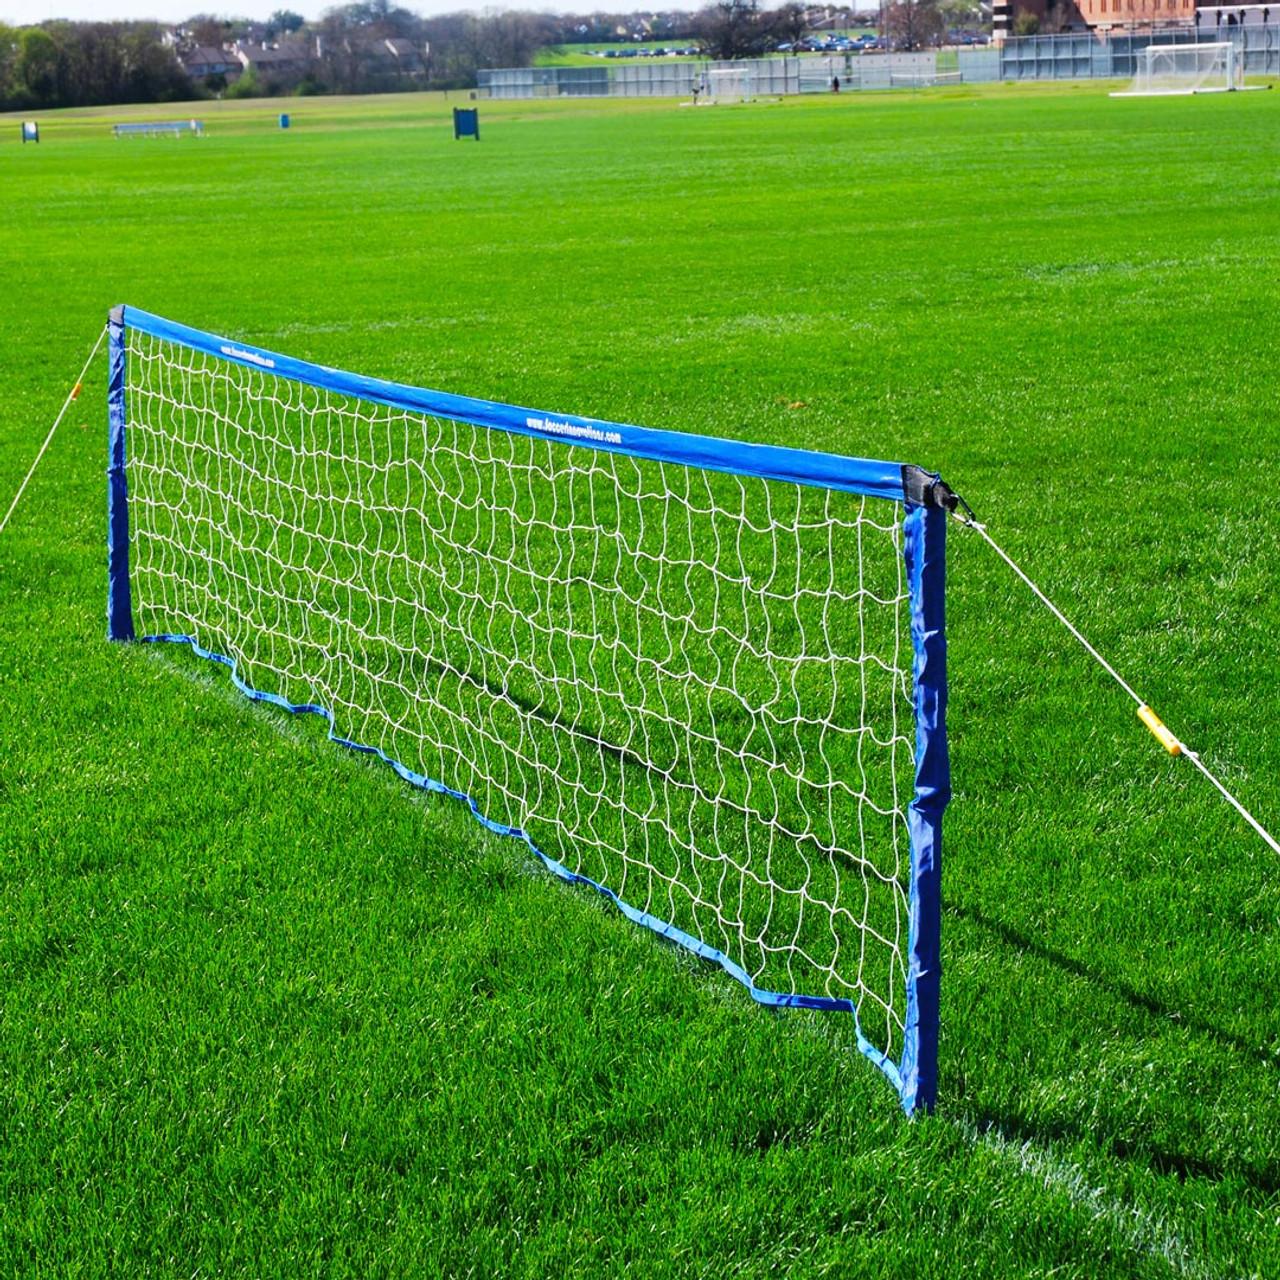 192e788c4b SOCCER TENNIS NET - Soccer Innovations